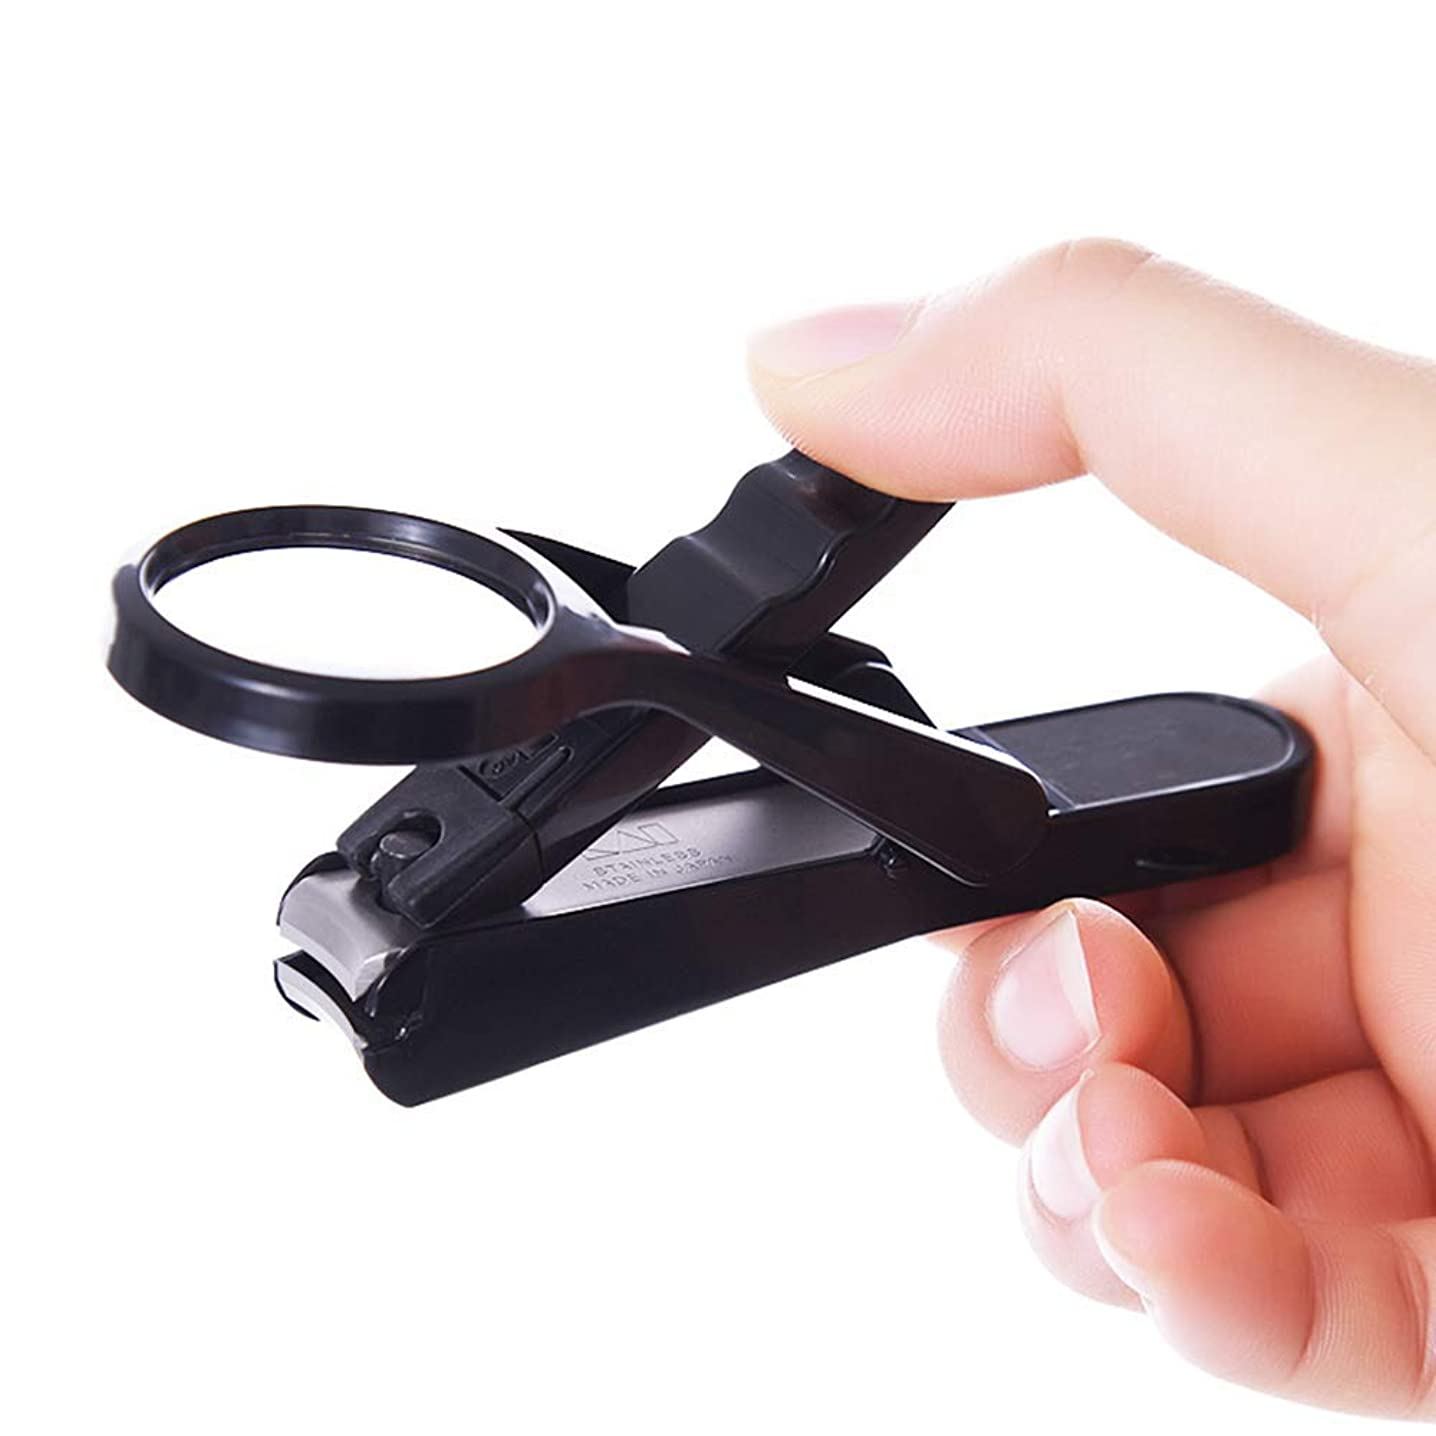 確保する欠員マインド虫眼鏡ネイルハサミと足の爪のトリマーと高齢者と赤ちゃんの安全ネイルケアのためのネイルクリッパー